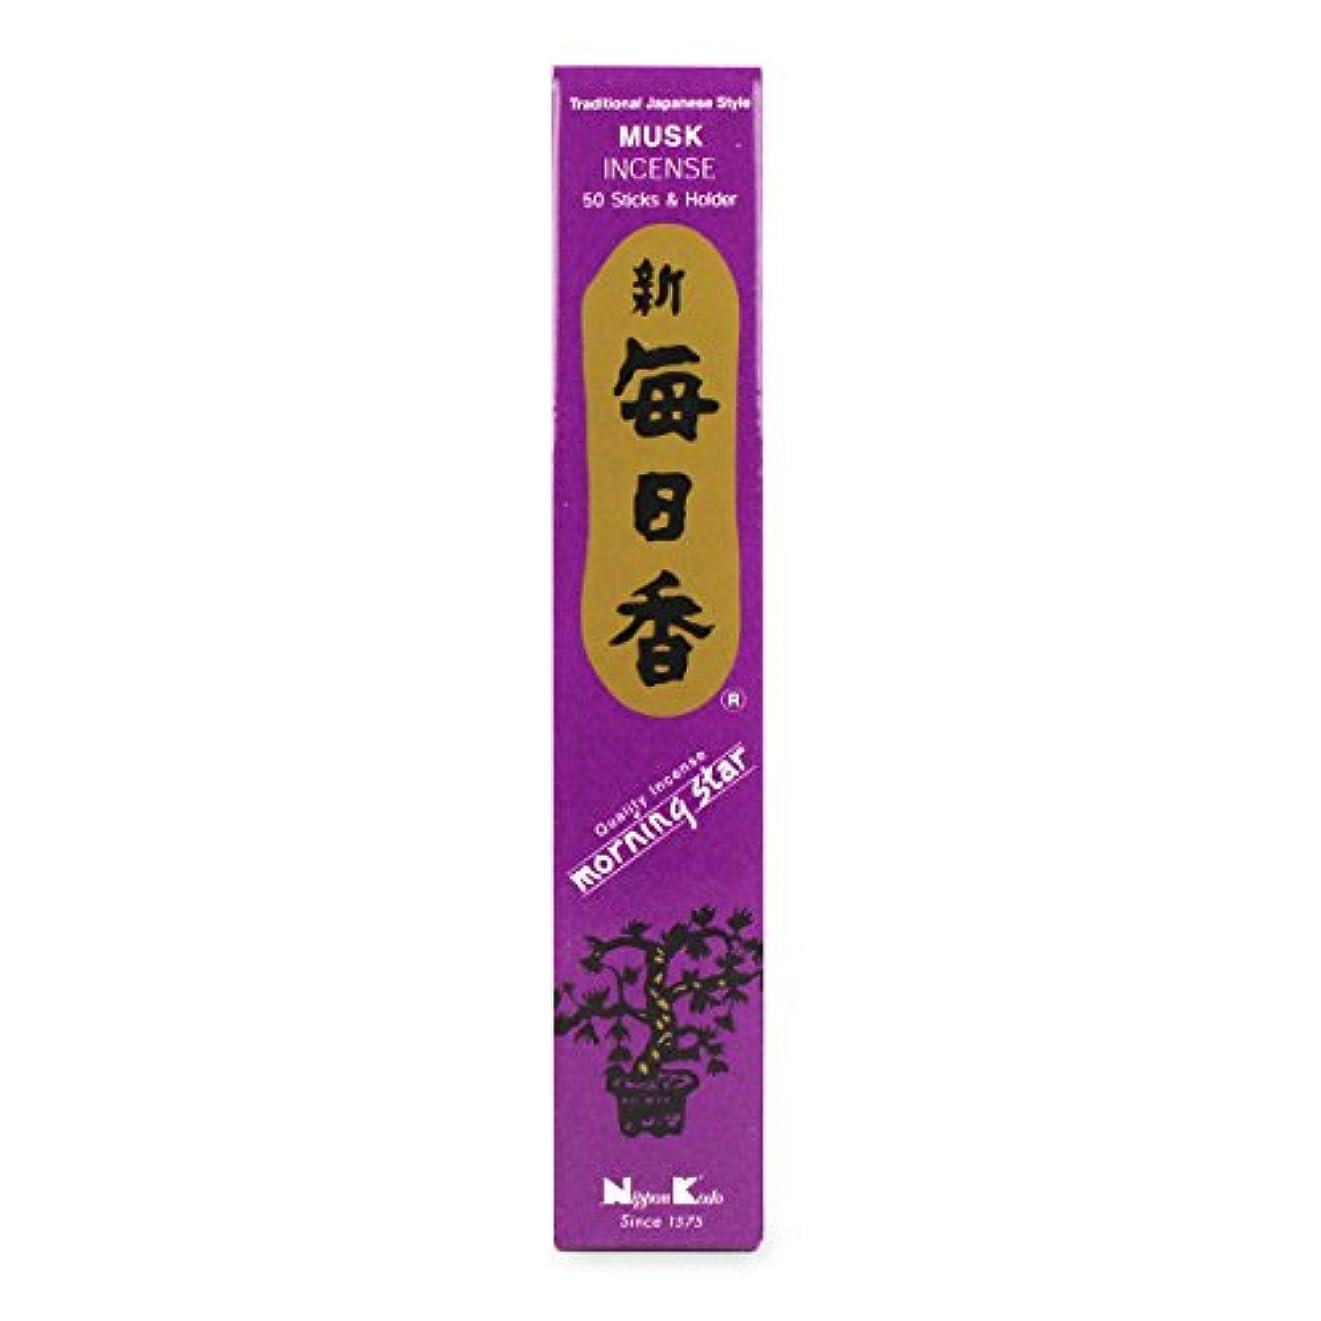 ボクシング鷹素子Morning StarムスクIncense (50 Sticks)